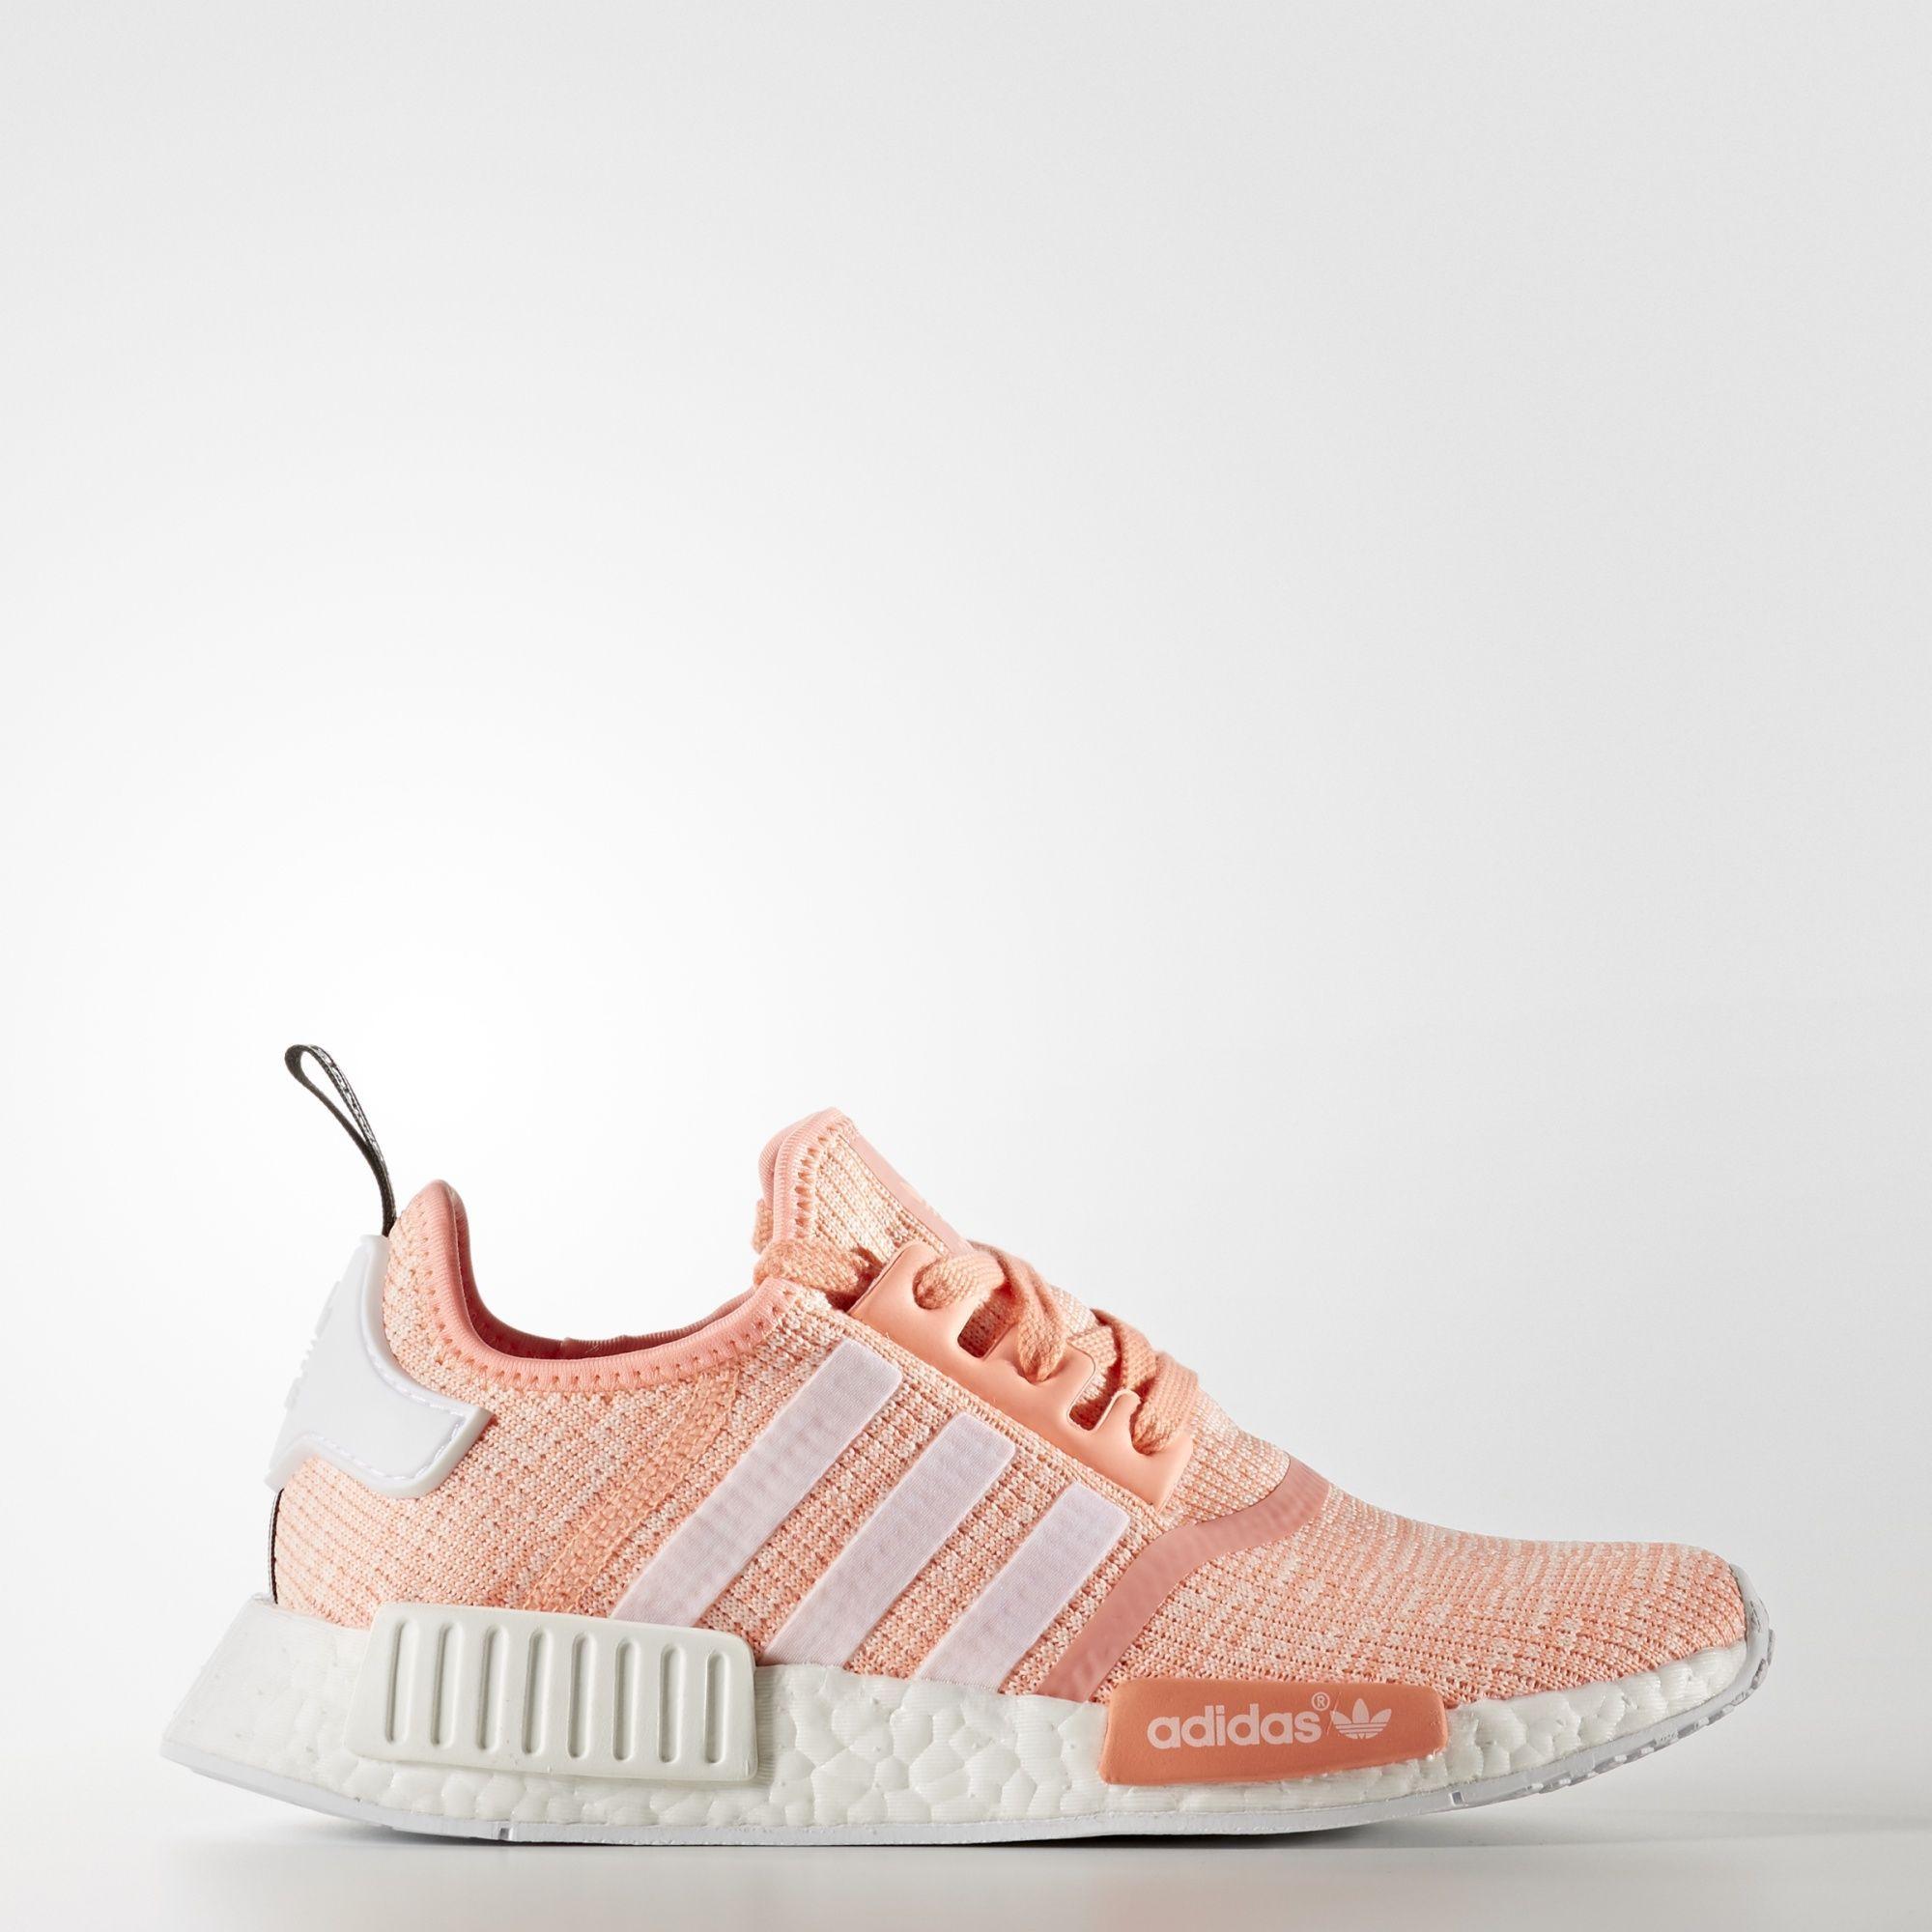 super popular db91f 925b4 Adidas Femmes, Adidas Nmd Boost, Tenis Adidas, Pink Adidas, Orange Shoes,